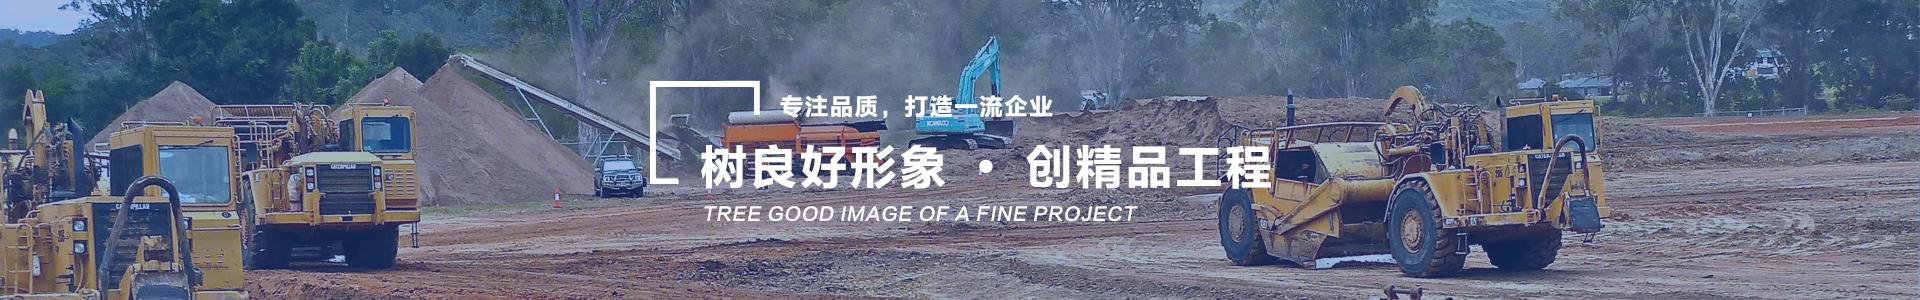 哈尔滨土方工程公司